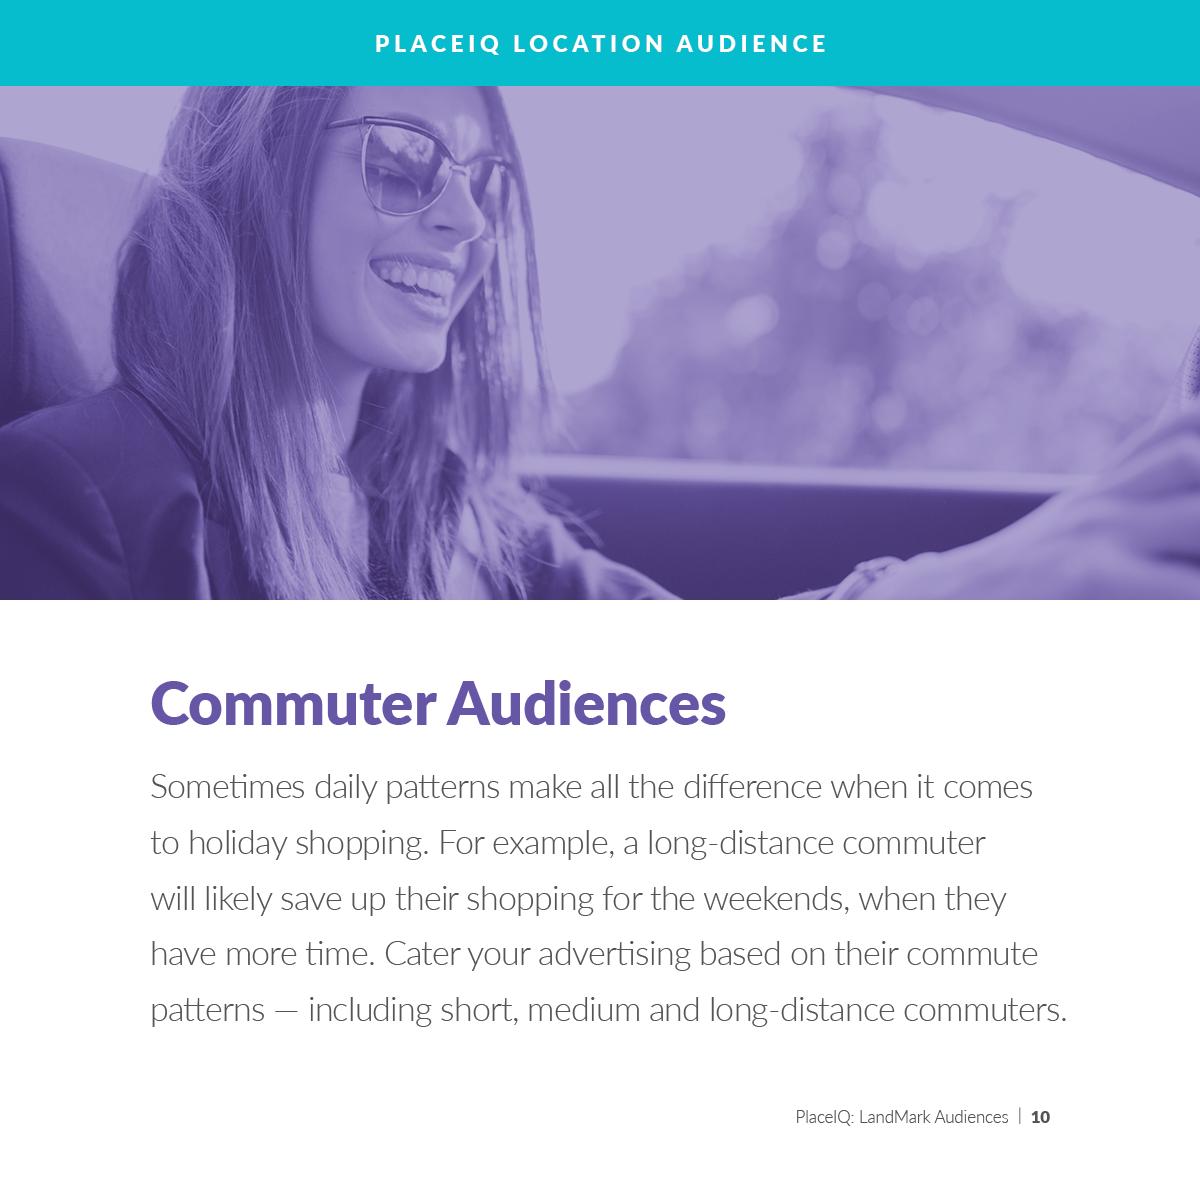 Commuter Audiences